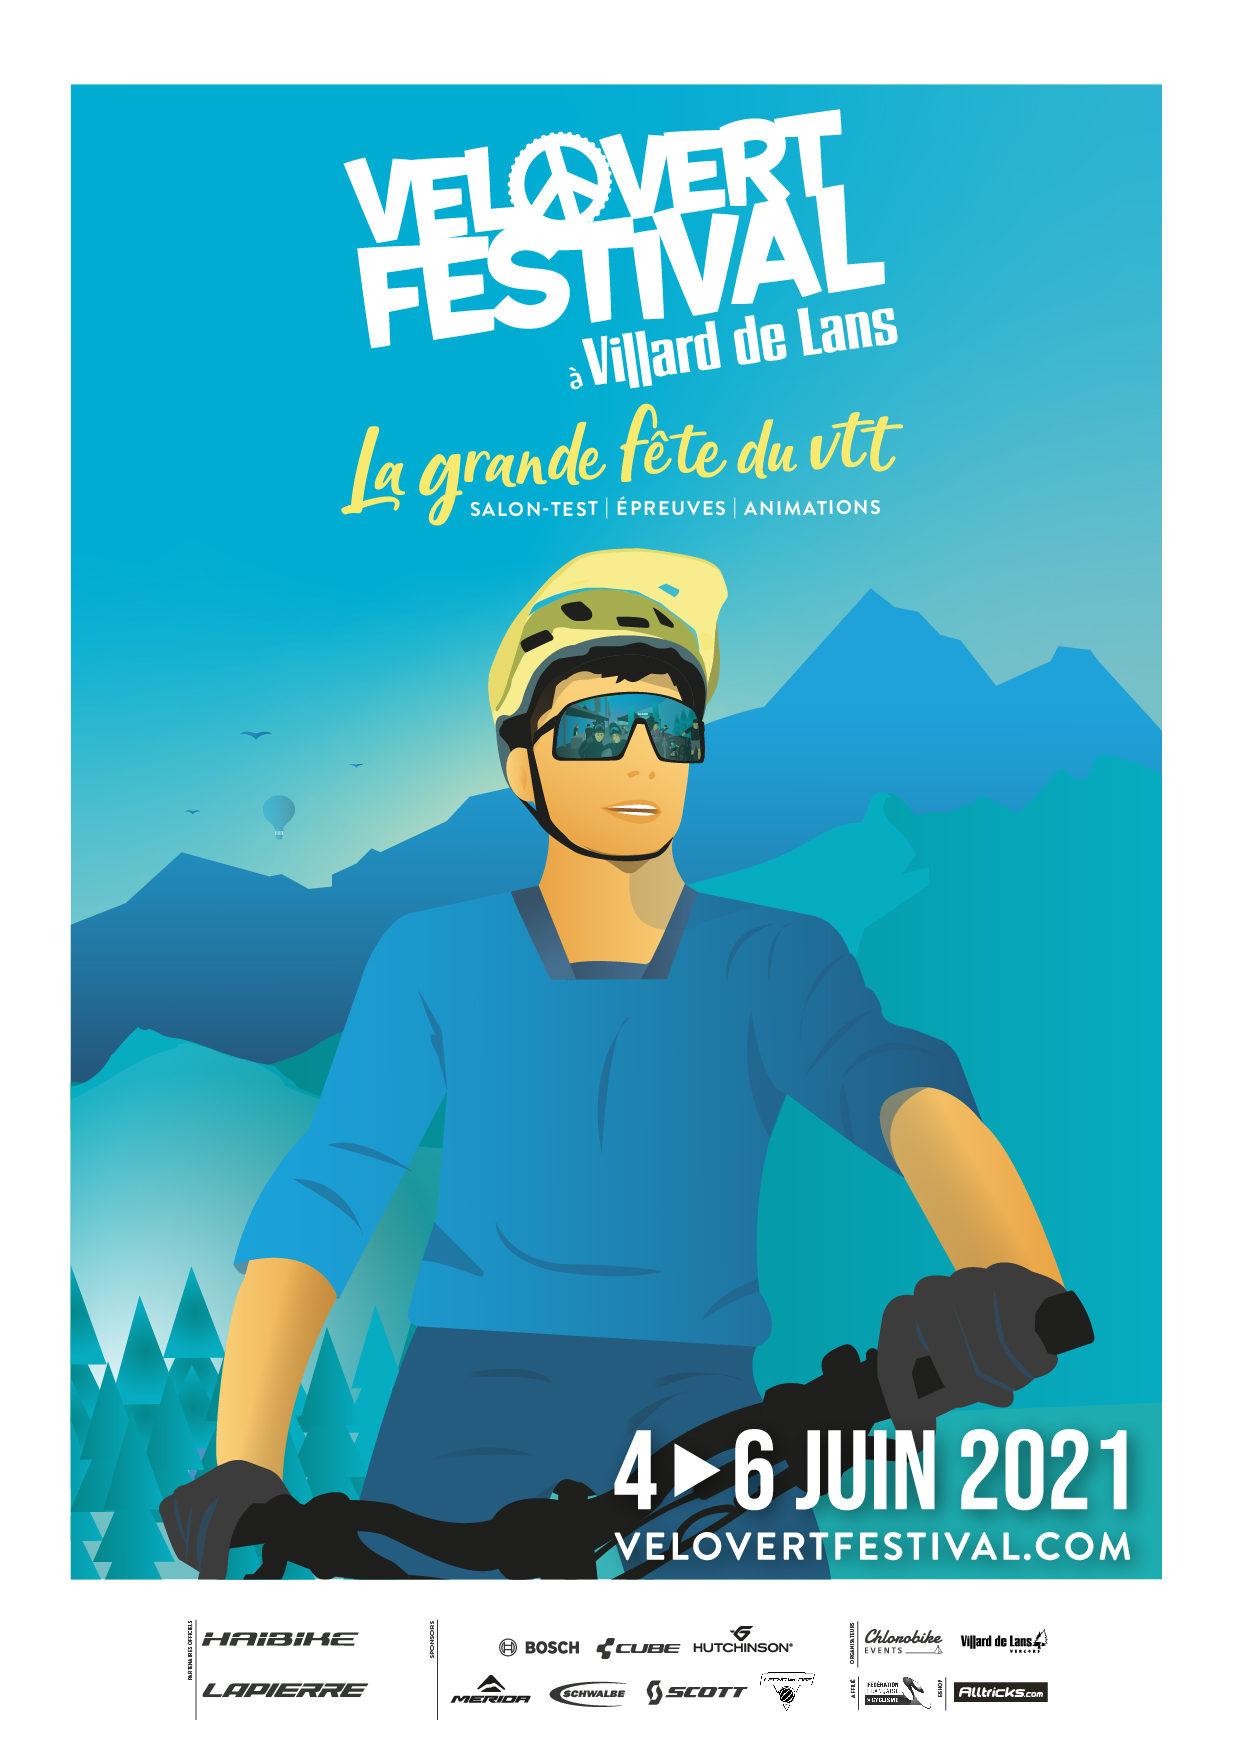 [4, 5 & 6 juin 2021] Vélo Vert Festival 2021 BD-RVB-A4_Affiche-V%C3%A9lo-Vert-Festival-2021_Plan-de-travail-1-e1606400252111